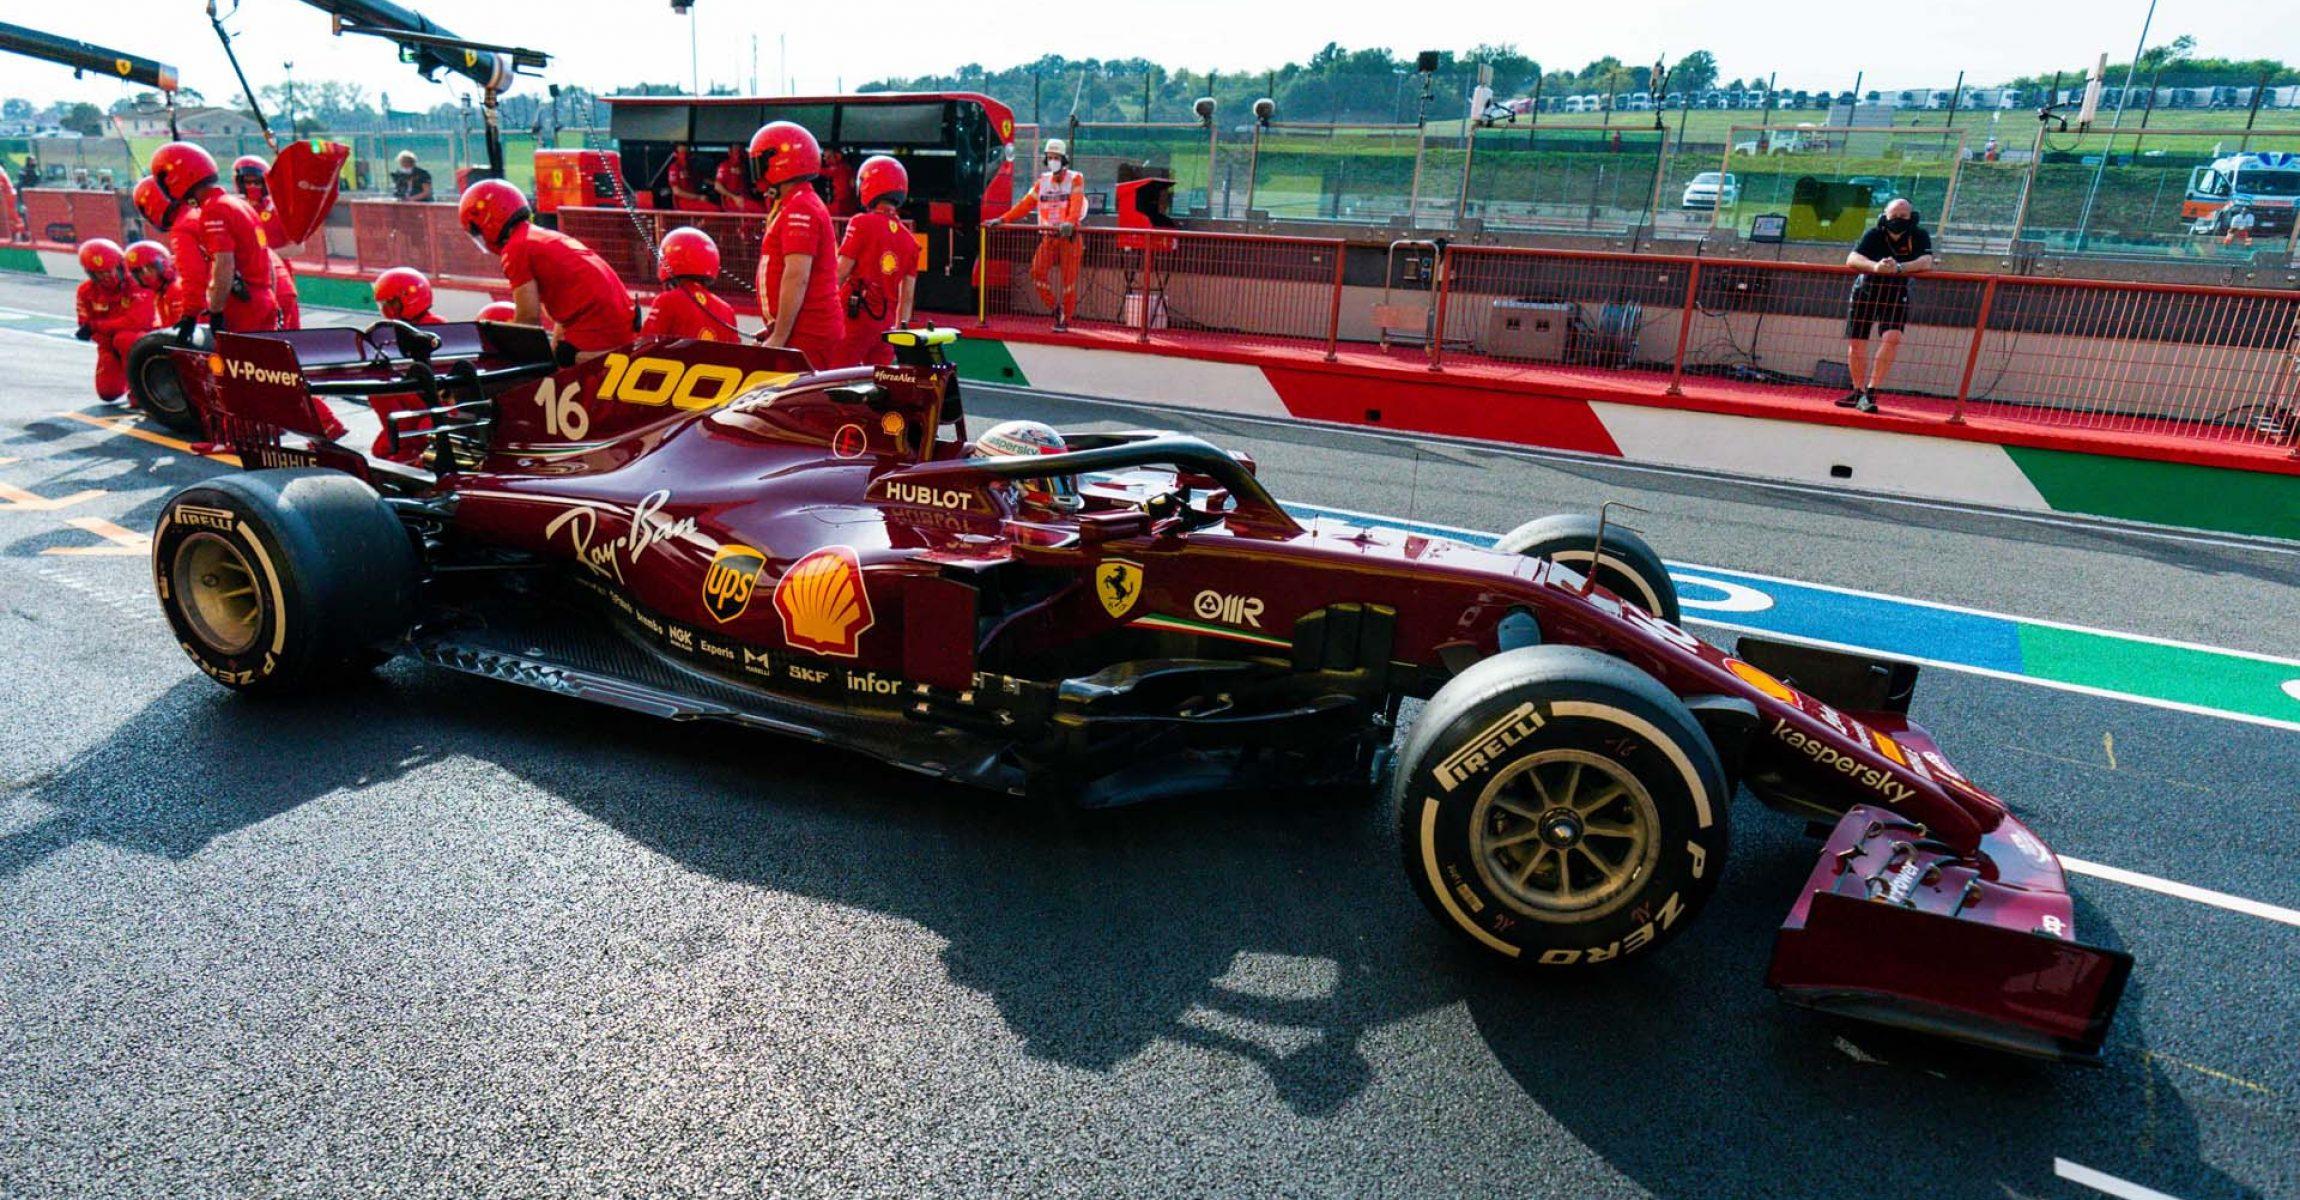 GP TOSCANA FERRARI 1000 F1/2020 -  VENERDÌ 11/09/2020     credit: @Scuderia Ferrari Press Office Charles Leclerc